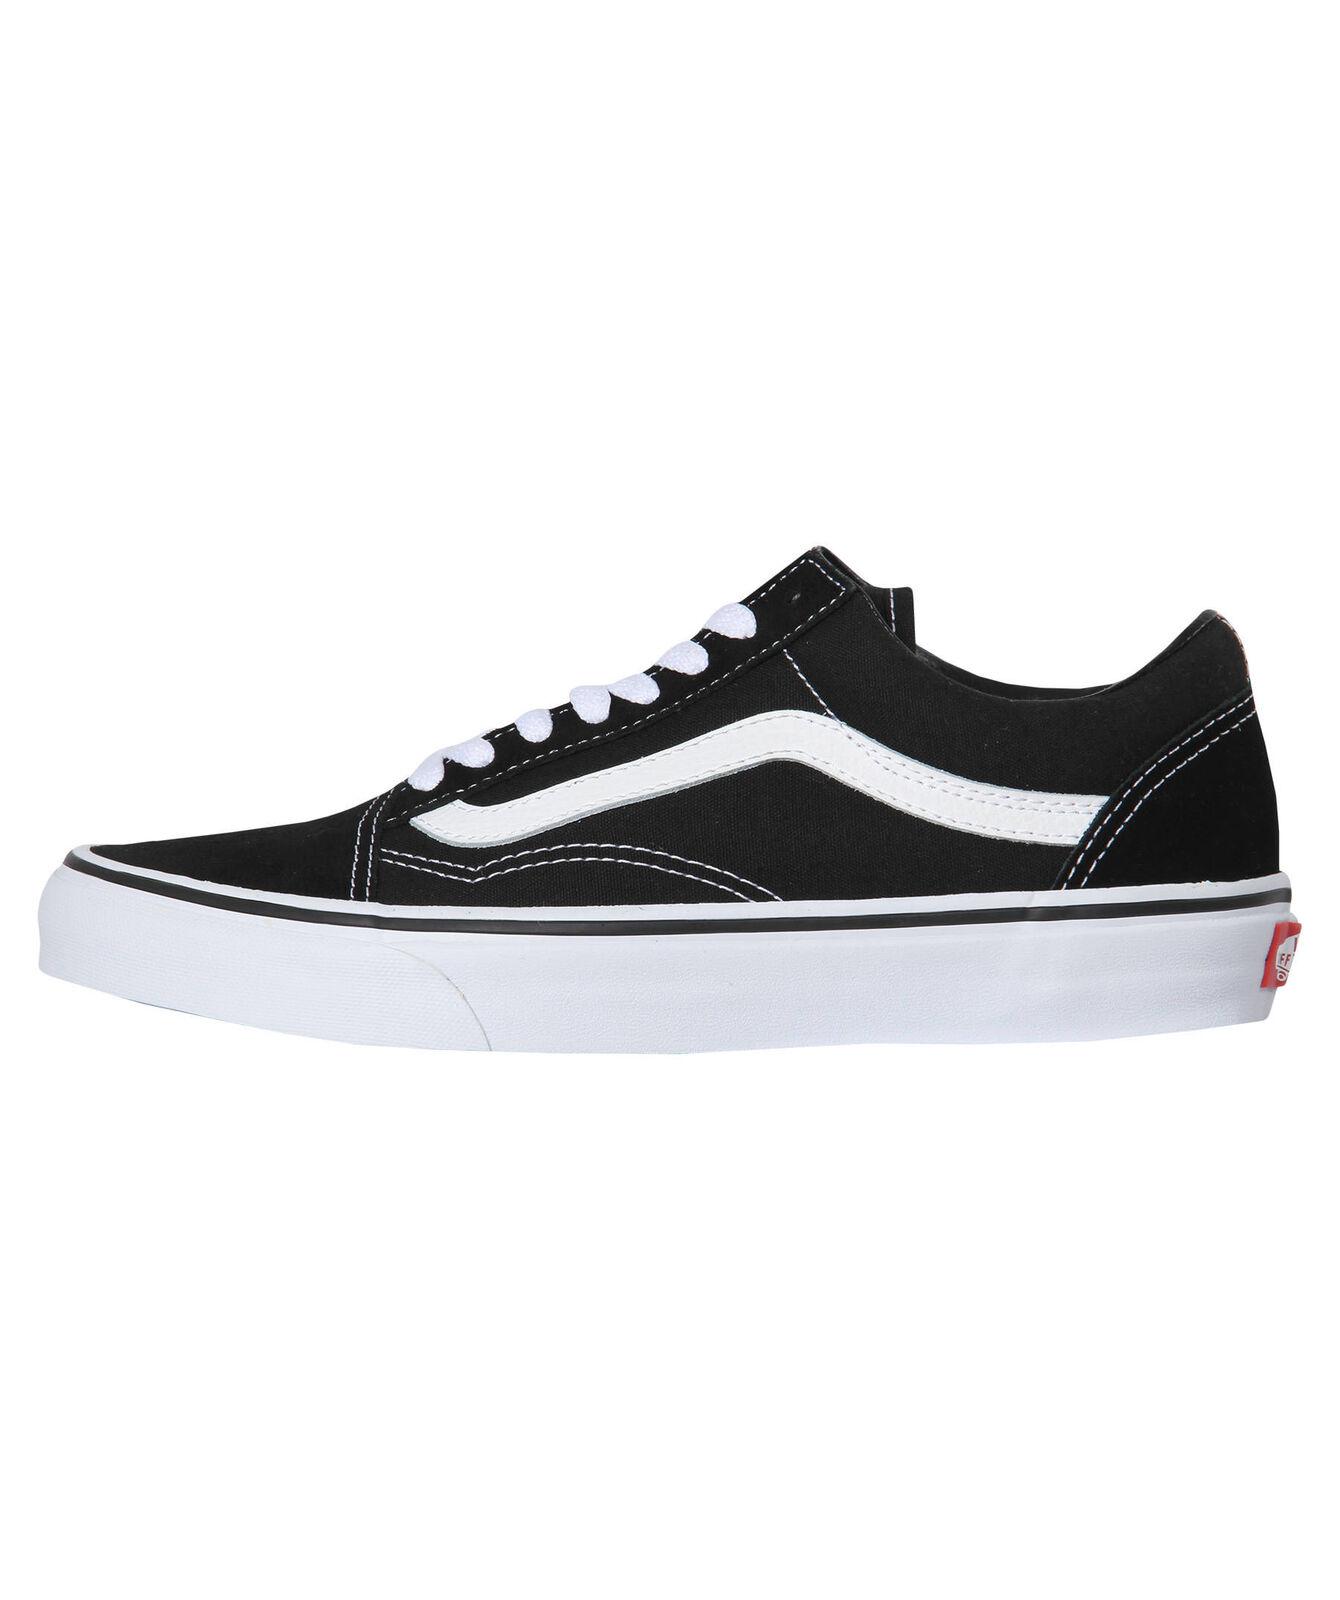 Vans Herren Sneakers